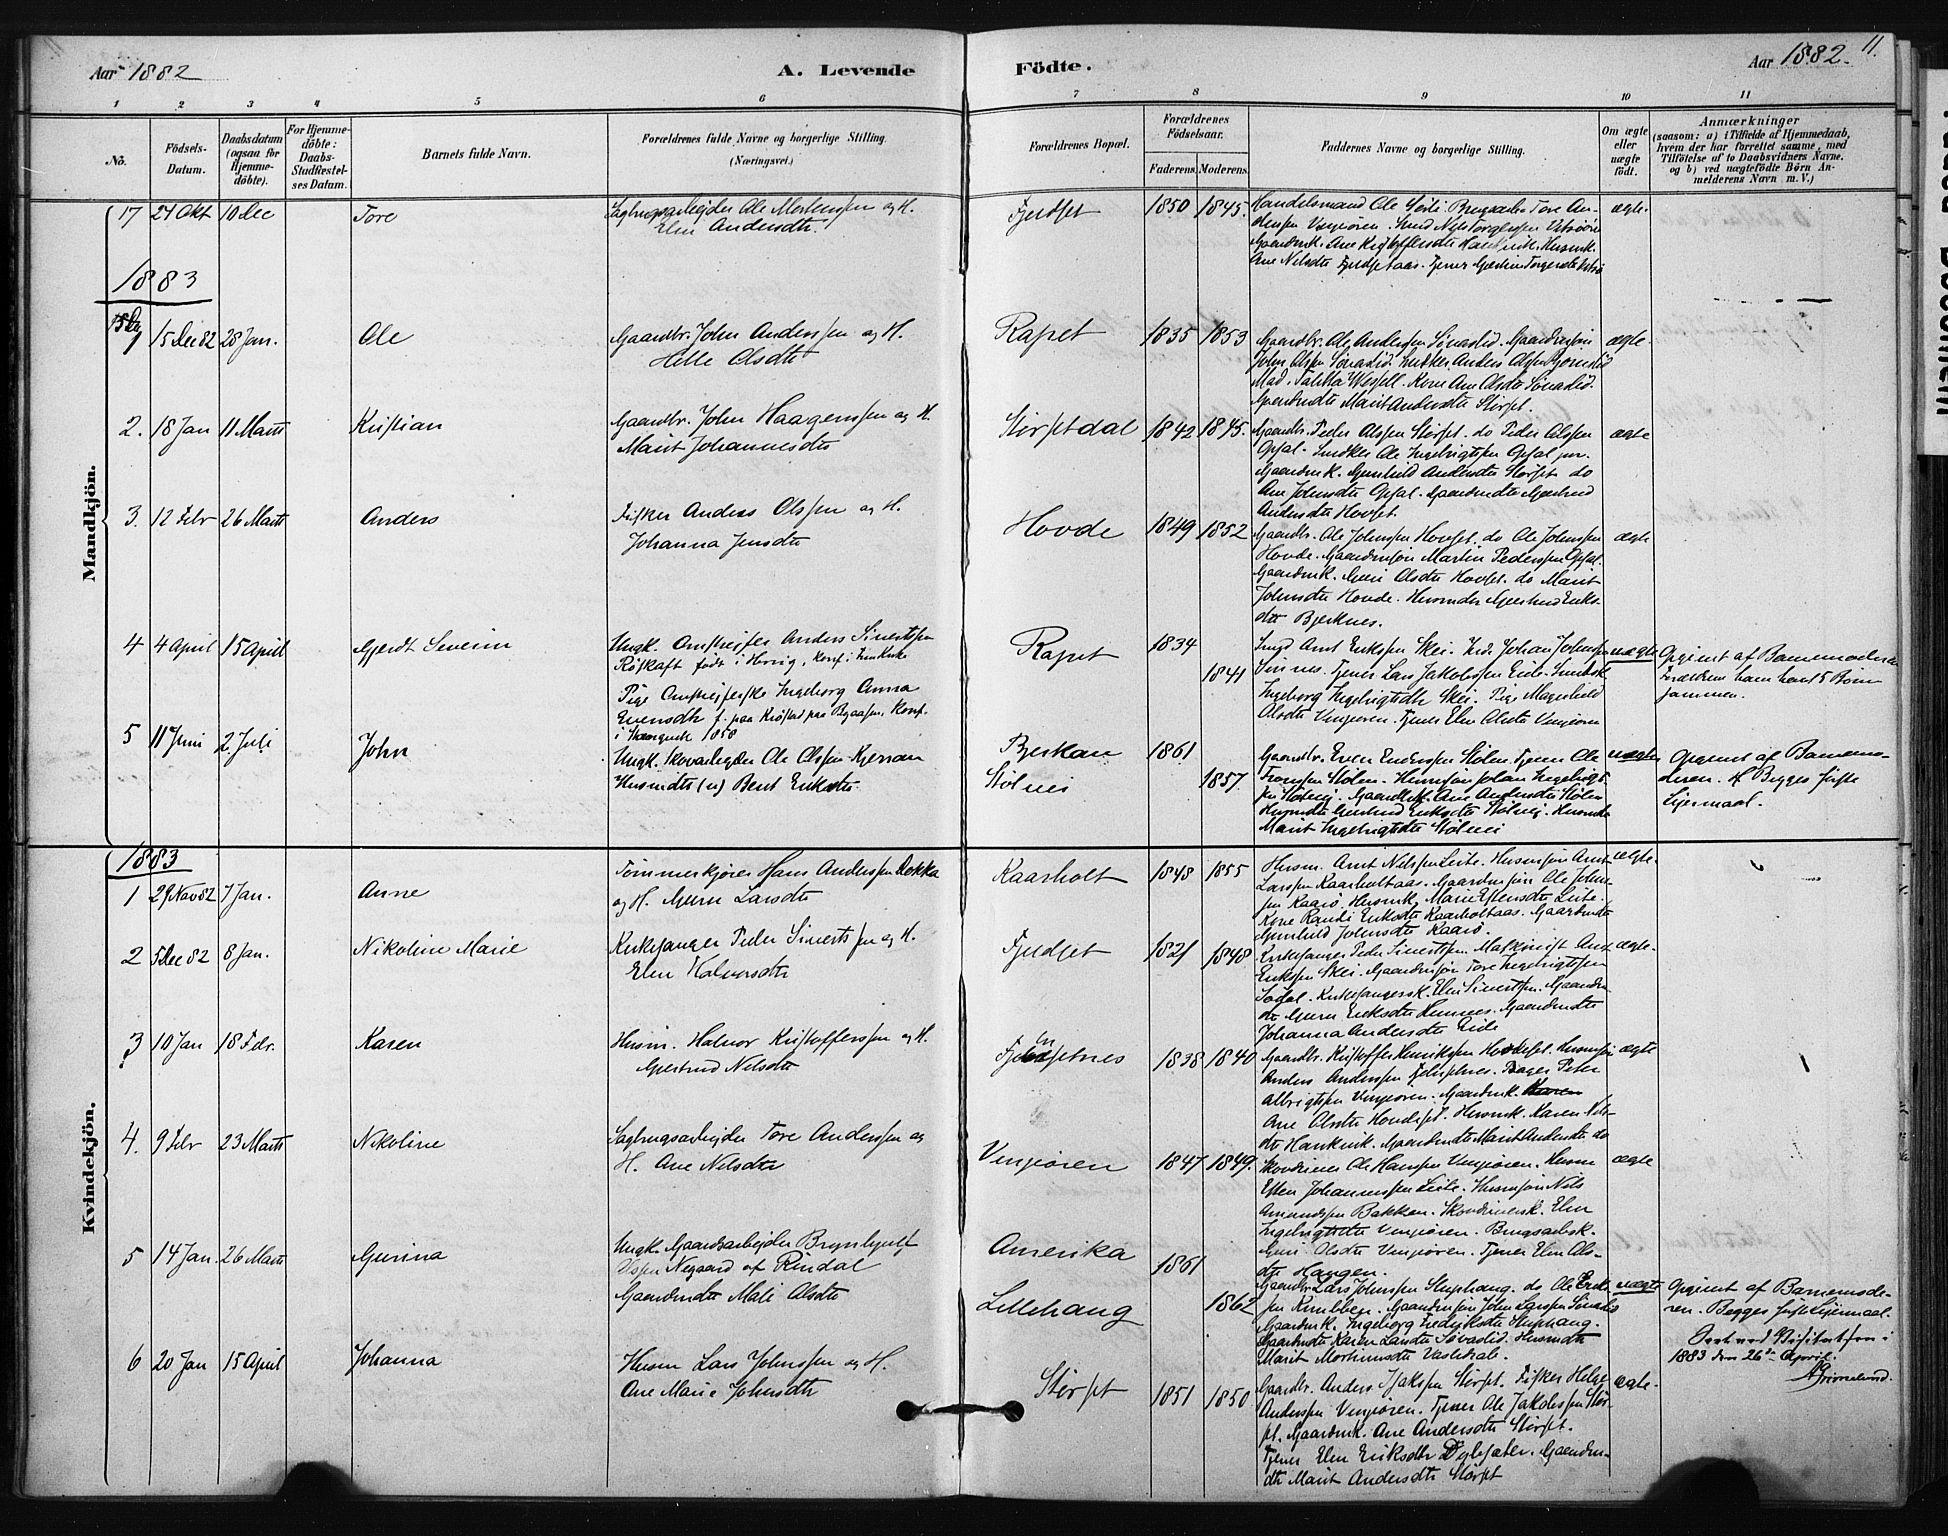 SAT, Ministerialprotokoller, klokkerbøker og fødselsregistre - Sør-Trøndelag, 631/L0512: Ministerialbok nr. 631A01, 1879-1912, s. 11